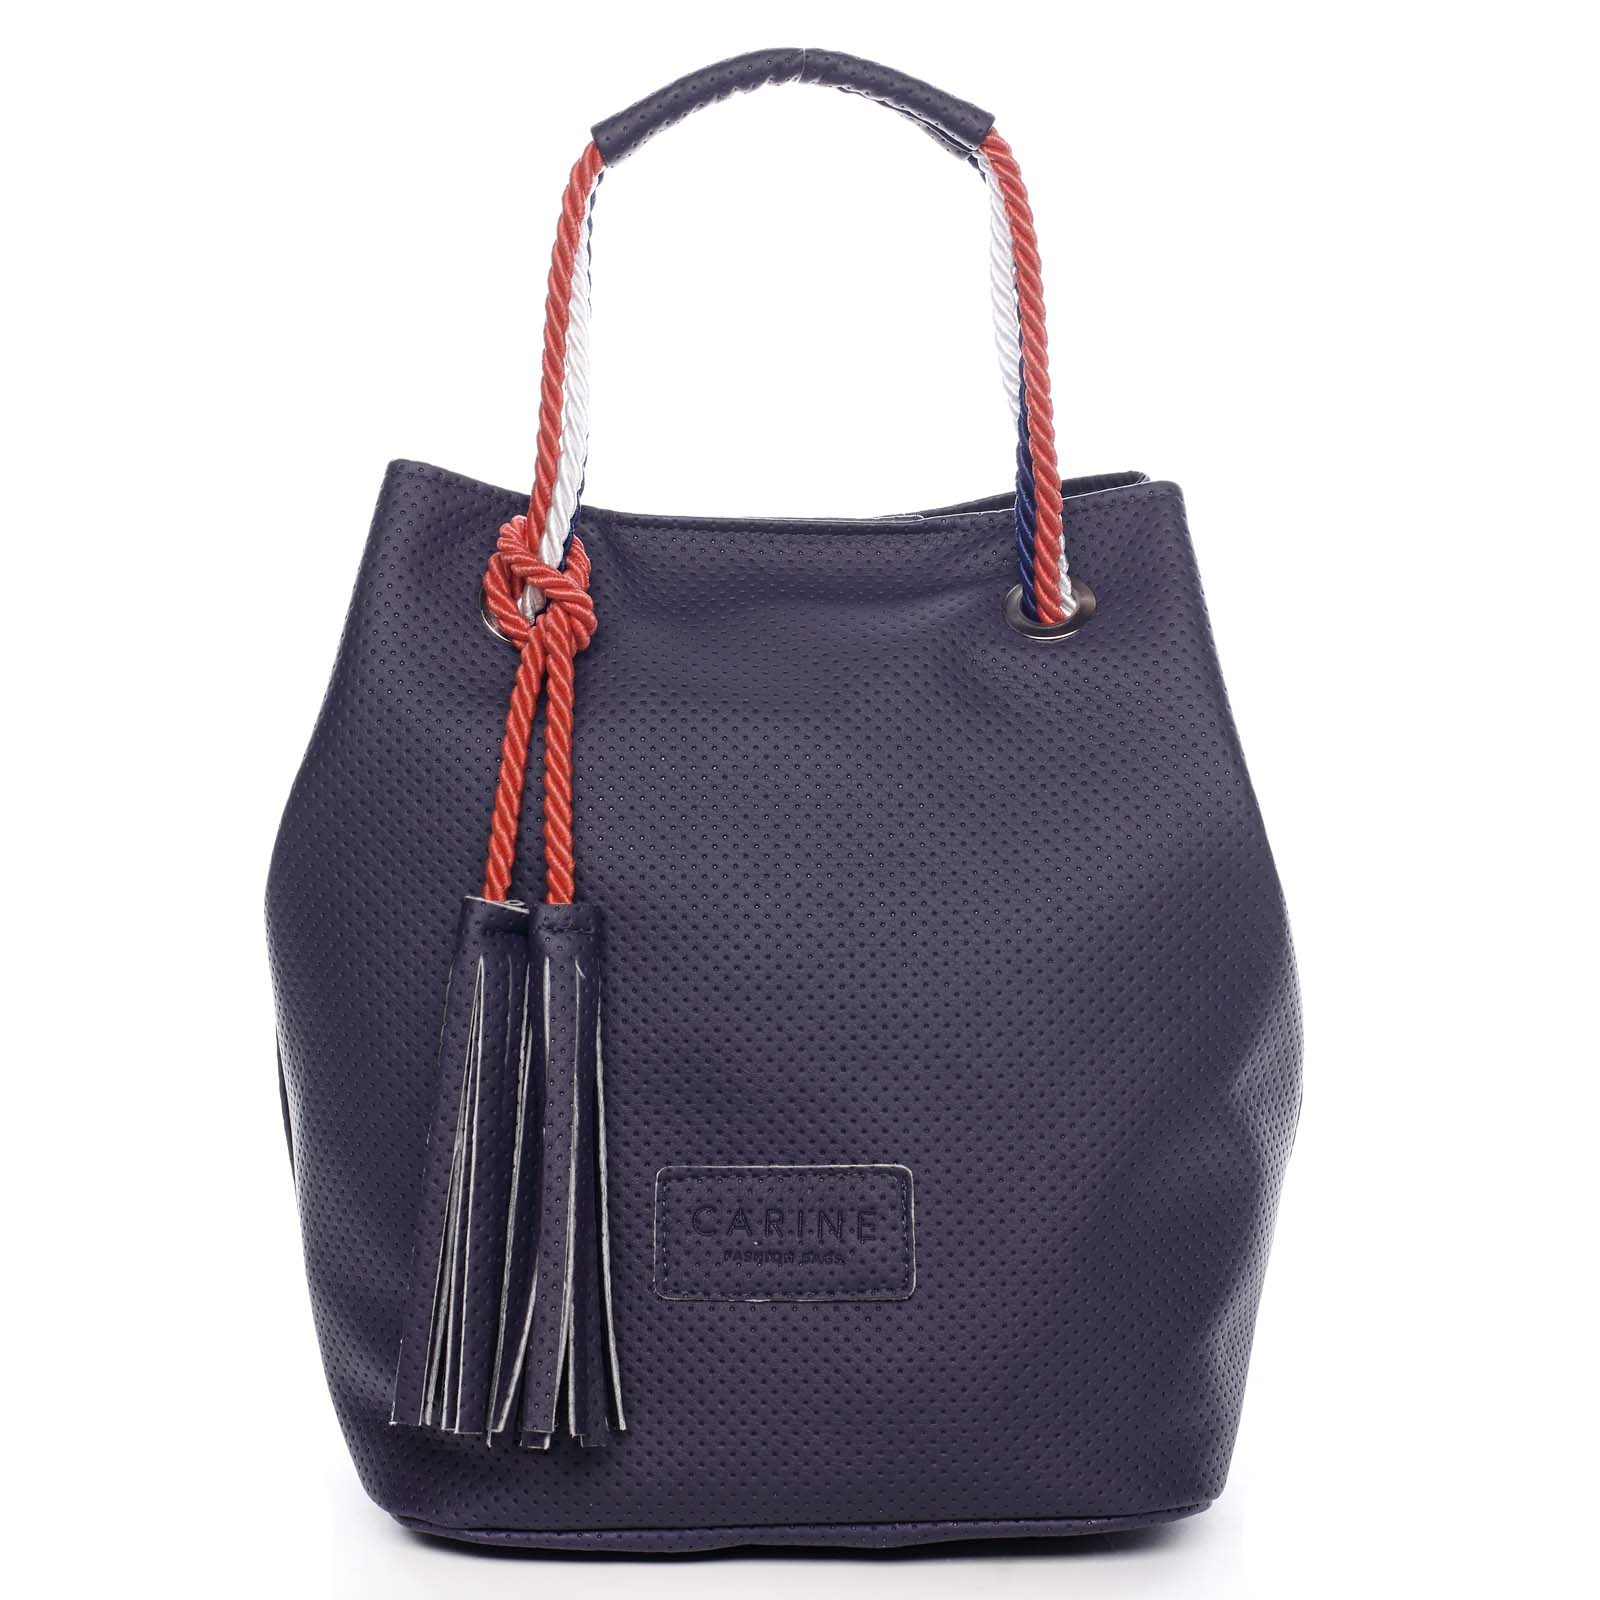 Dámská kabelka tmavě modrá - Carine C2000 tmavě modrá